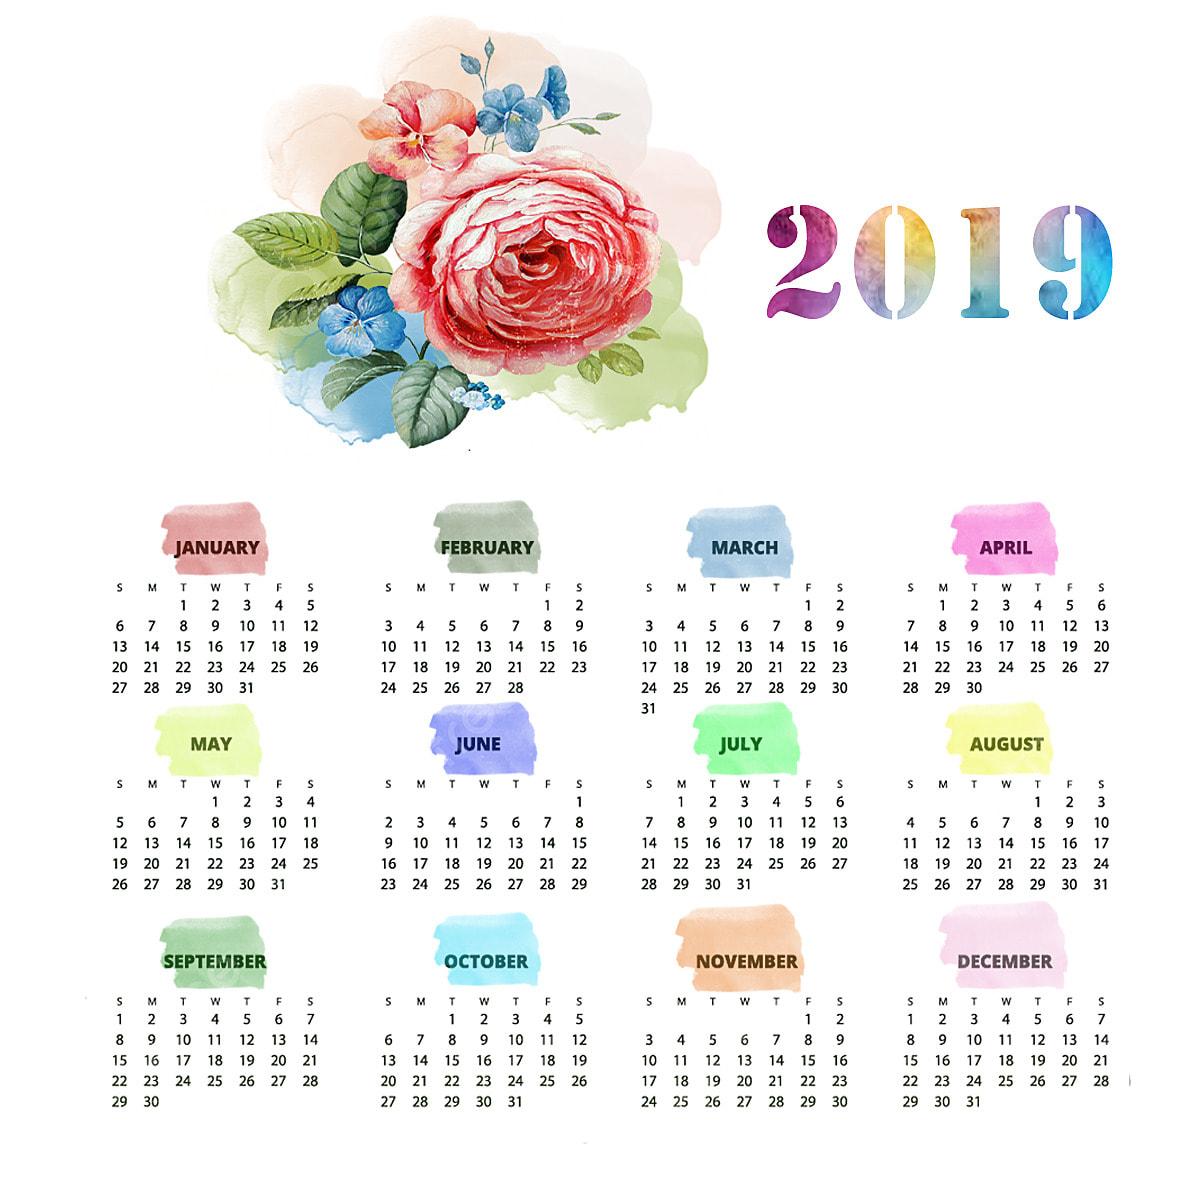 Calendario Rosa Png.Calendar 2019 2019 Happy New Year Png Transparent Clipart